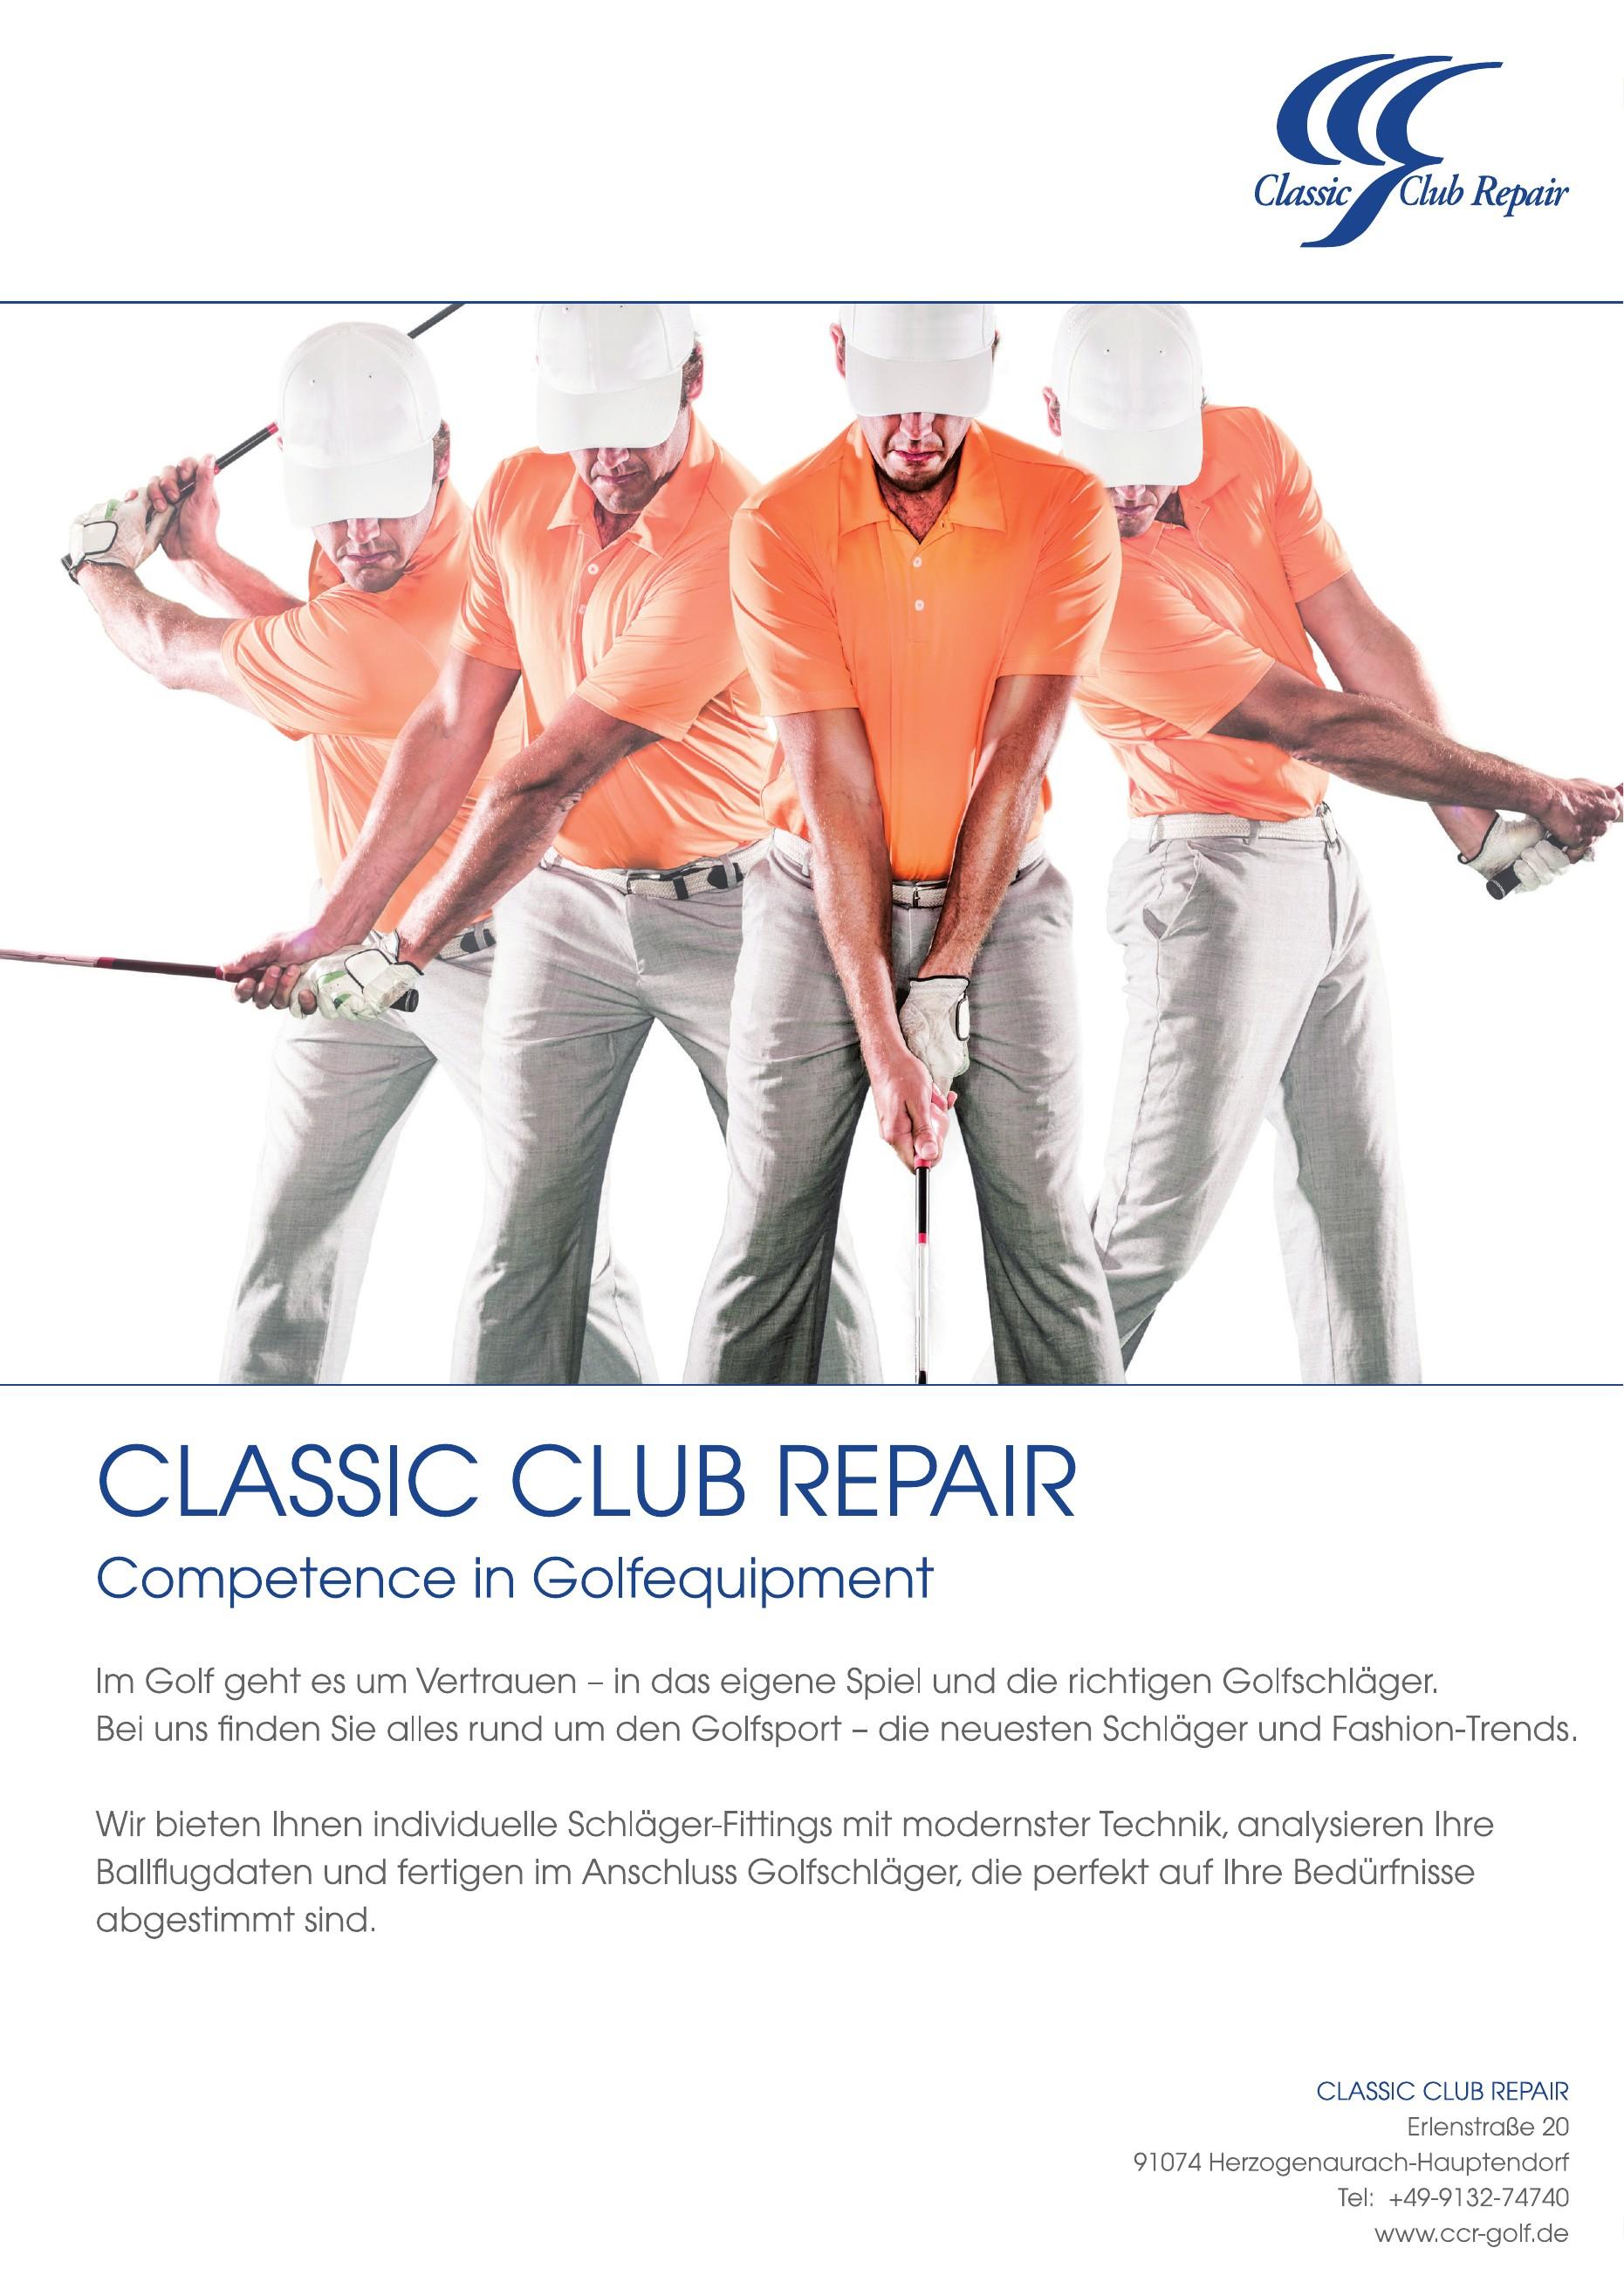 Classic Club Repair